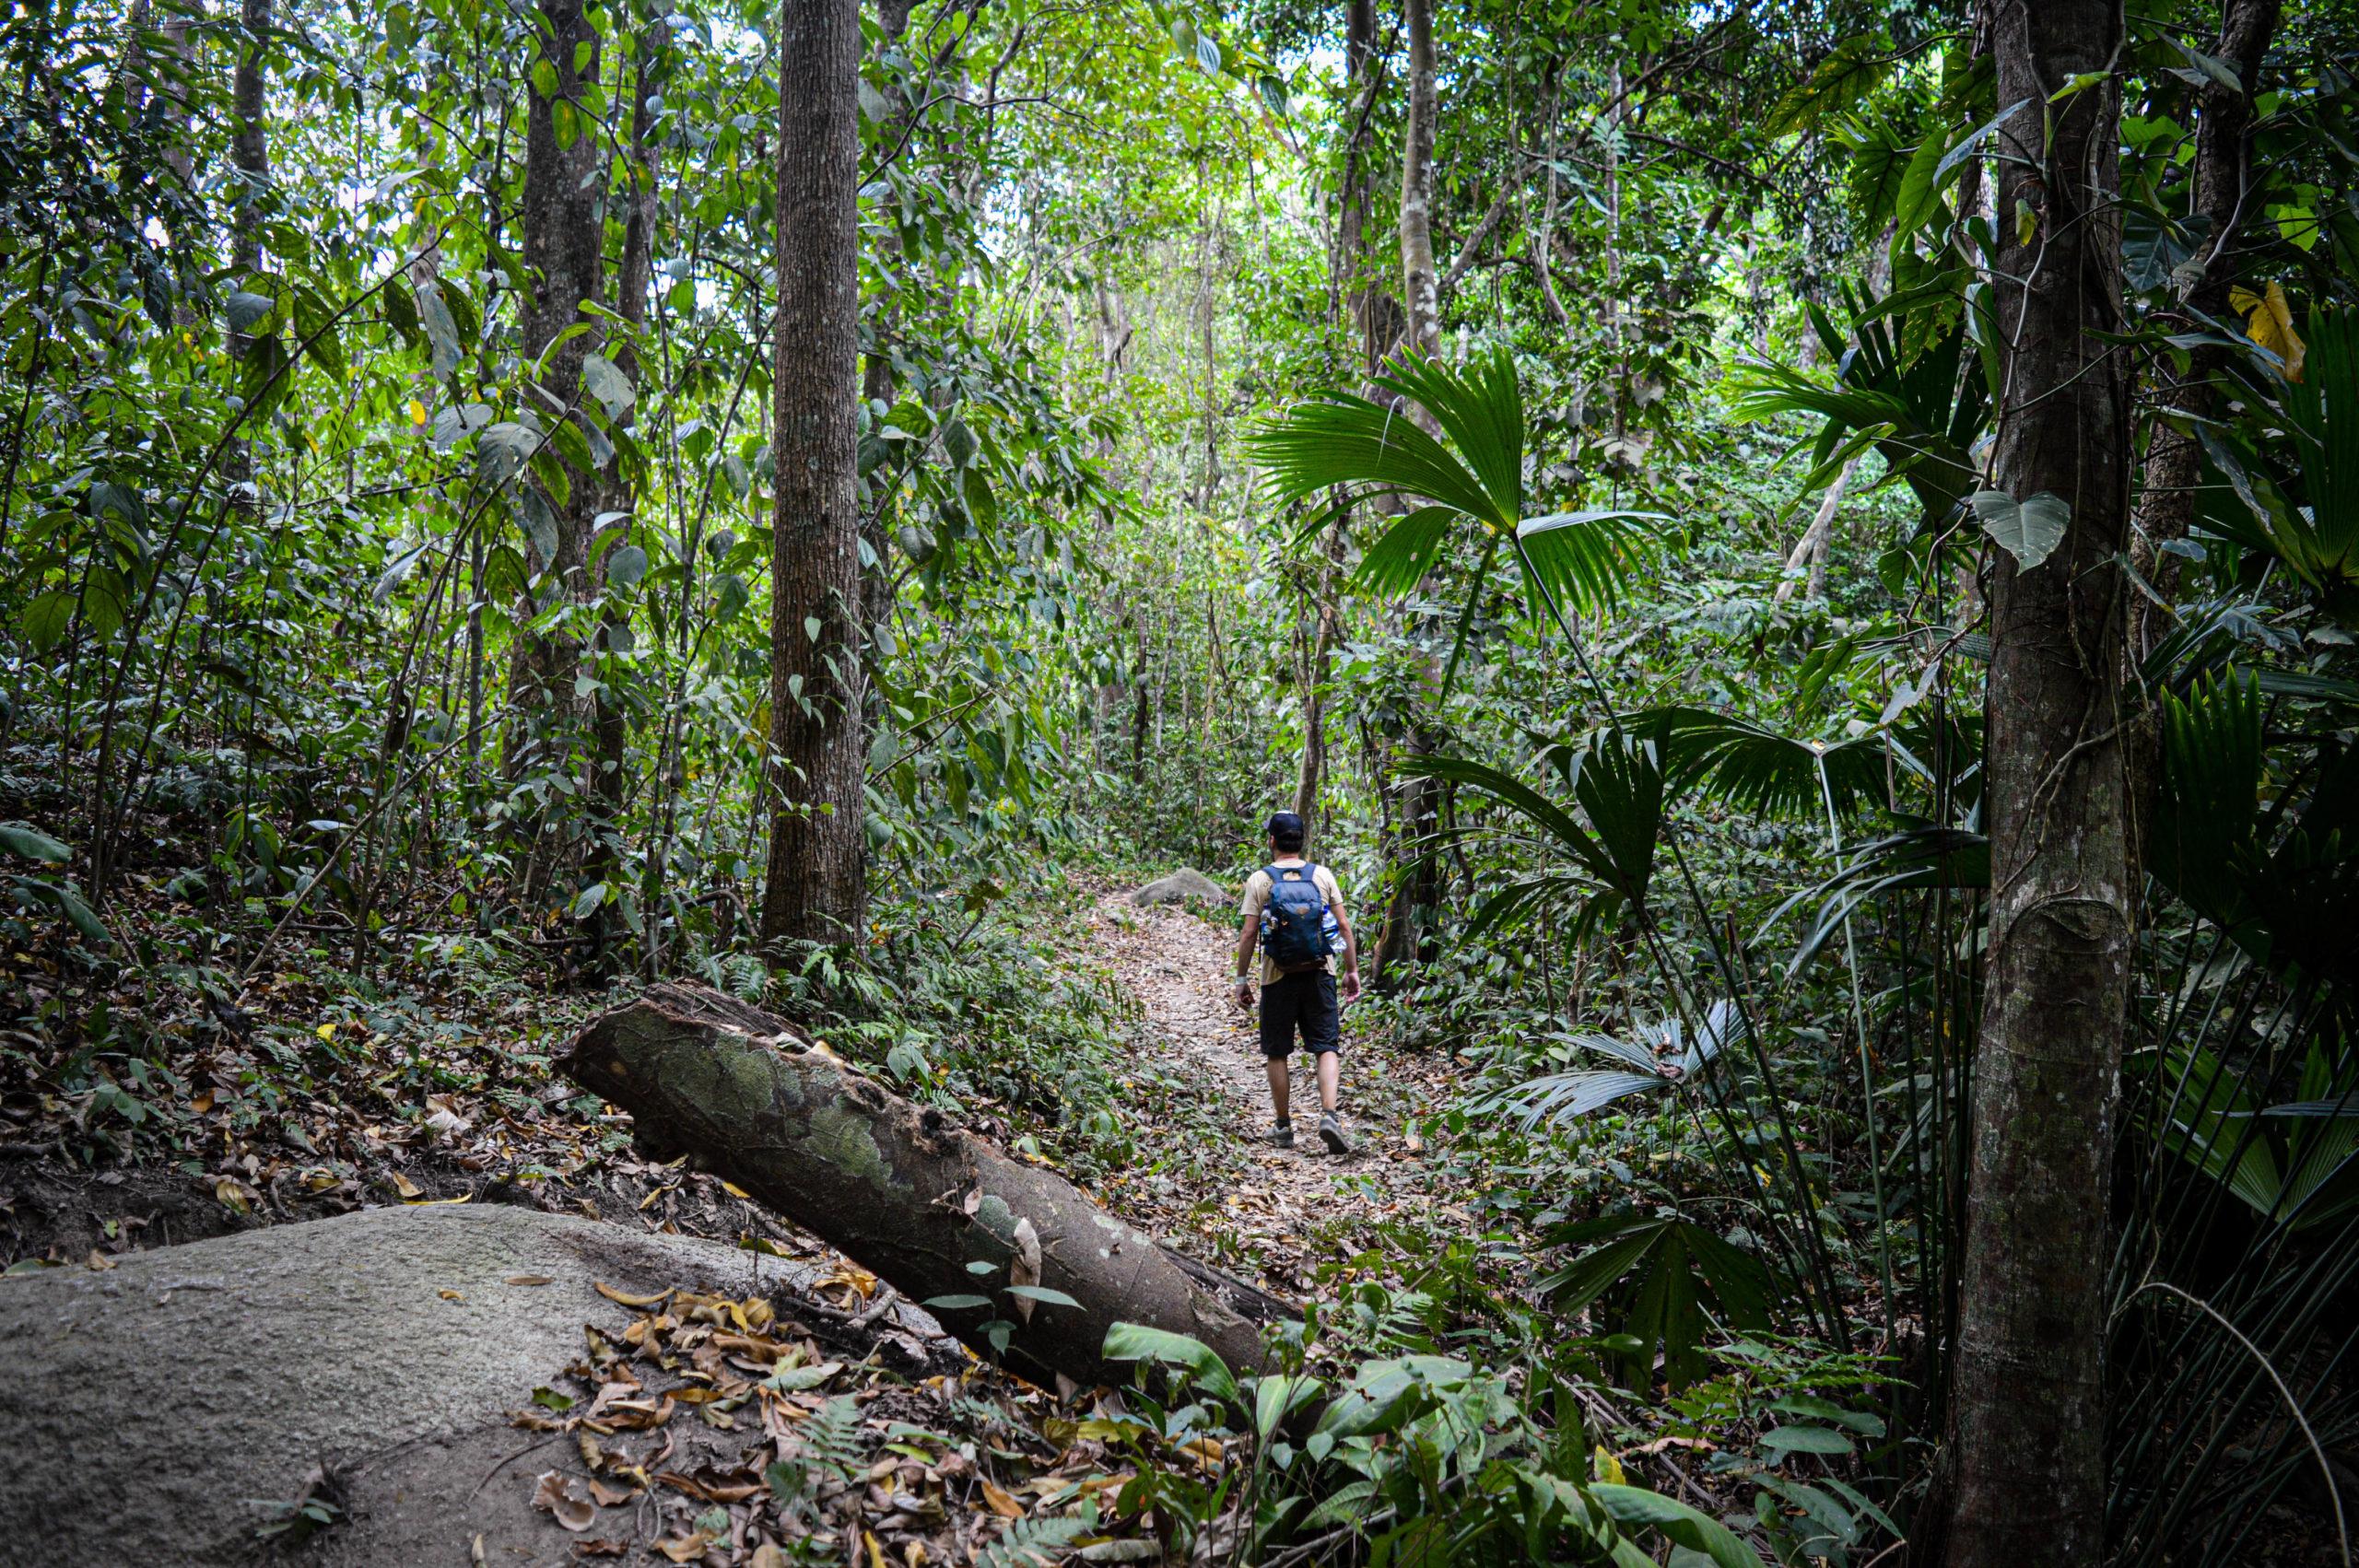 dans la forêt tropicale, parc tayrona